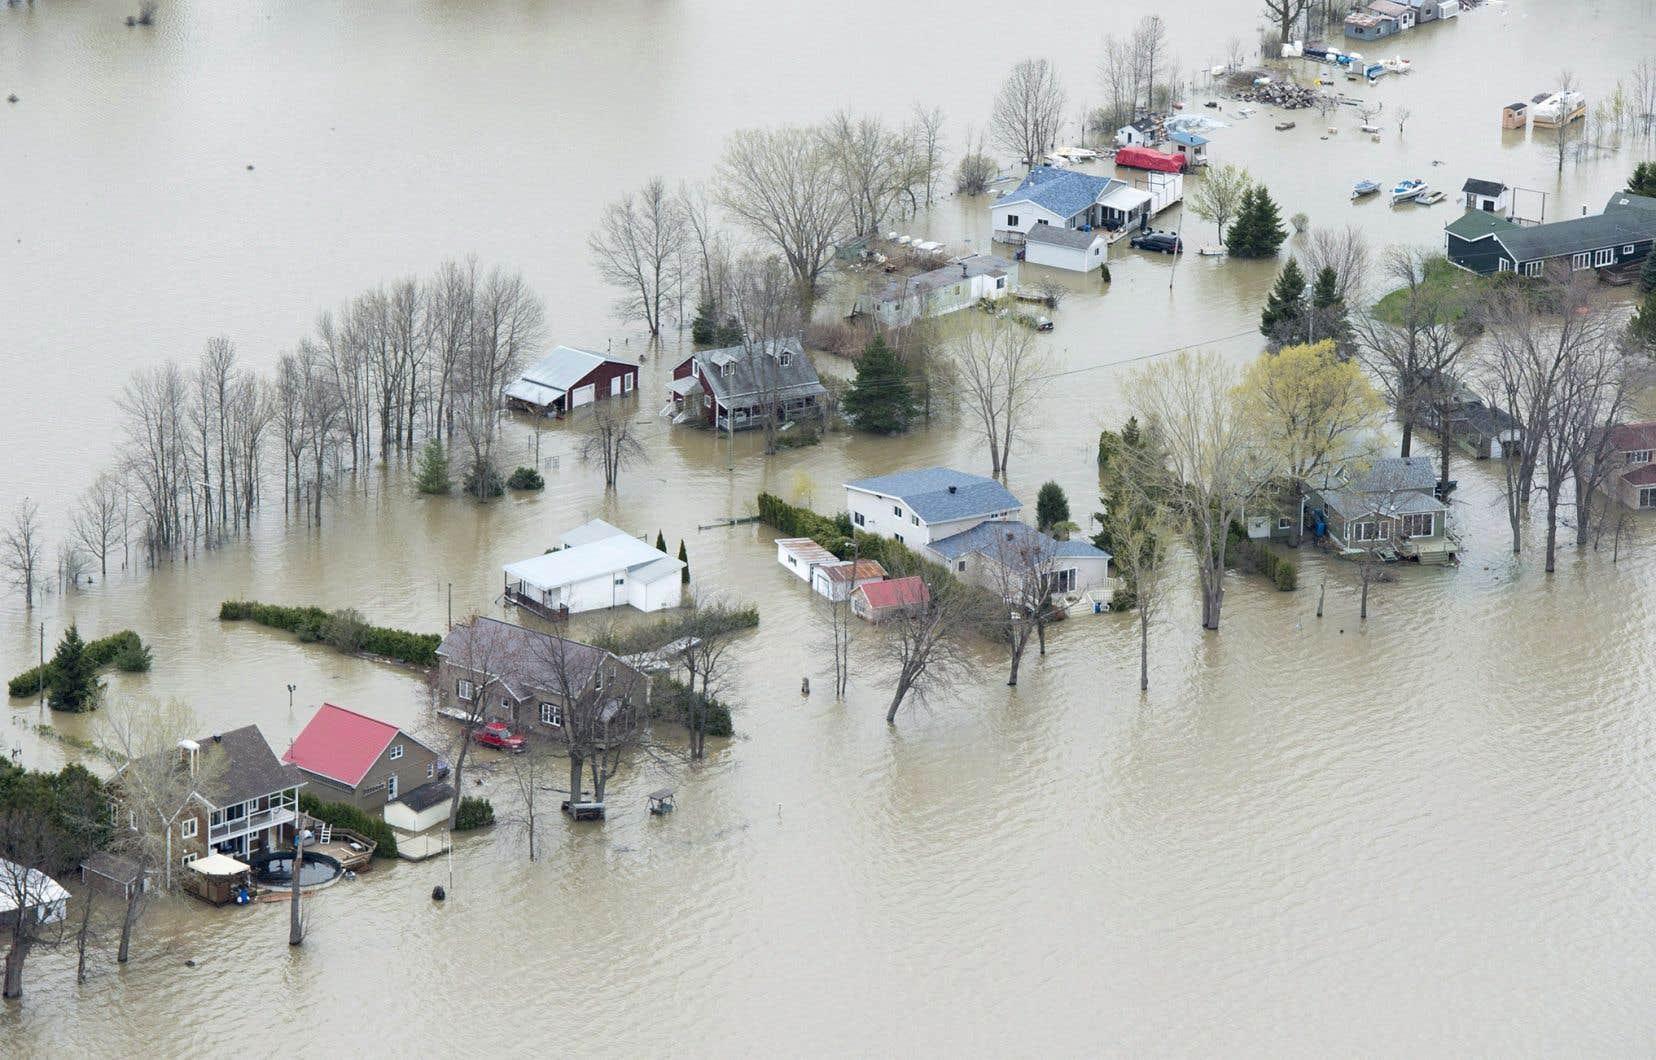 «La crise des inondations printanières a été traitée comme si la démolition de tout bâtiment en zone inondable était une fatalité», disent les autrices.